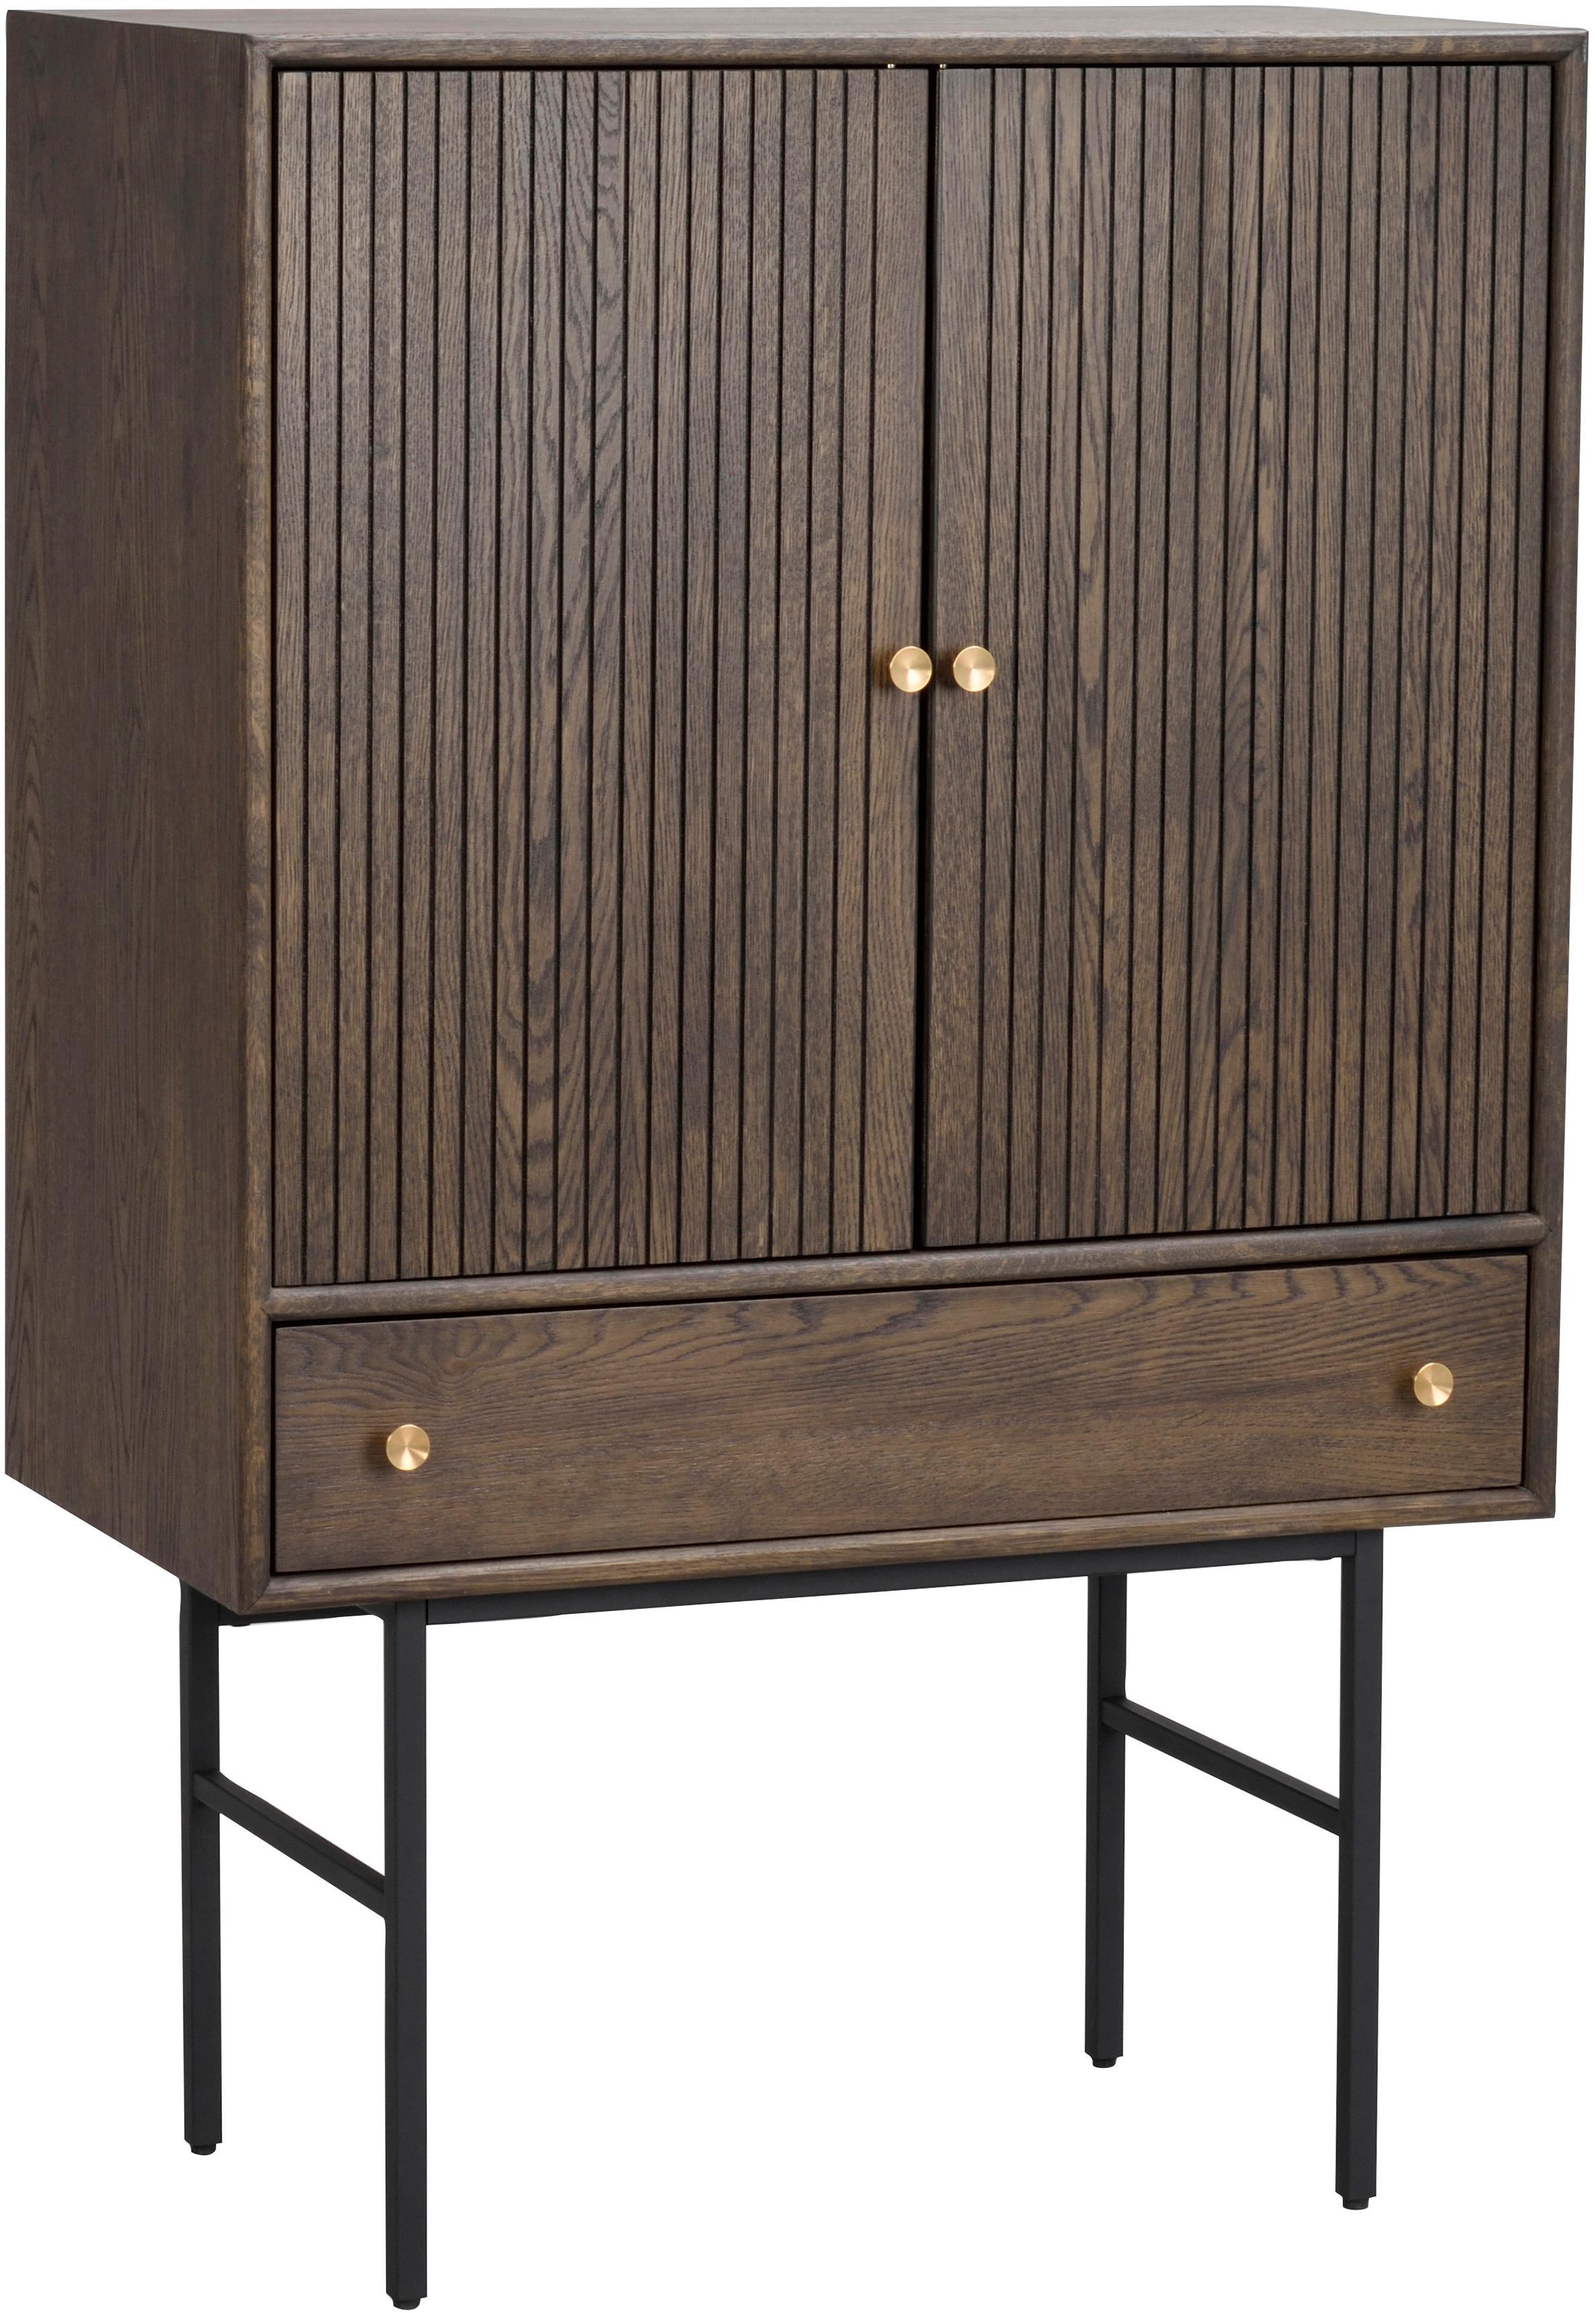 Wysoka komoda z 2 drzwiczkami Clearbrook, Korpus: płyta pilśniowa średniej , Nogi: metal malowany proszkowo, Brązowy, czarny, S 79 x W 125 cm